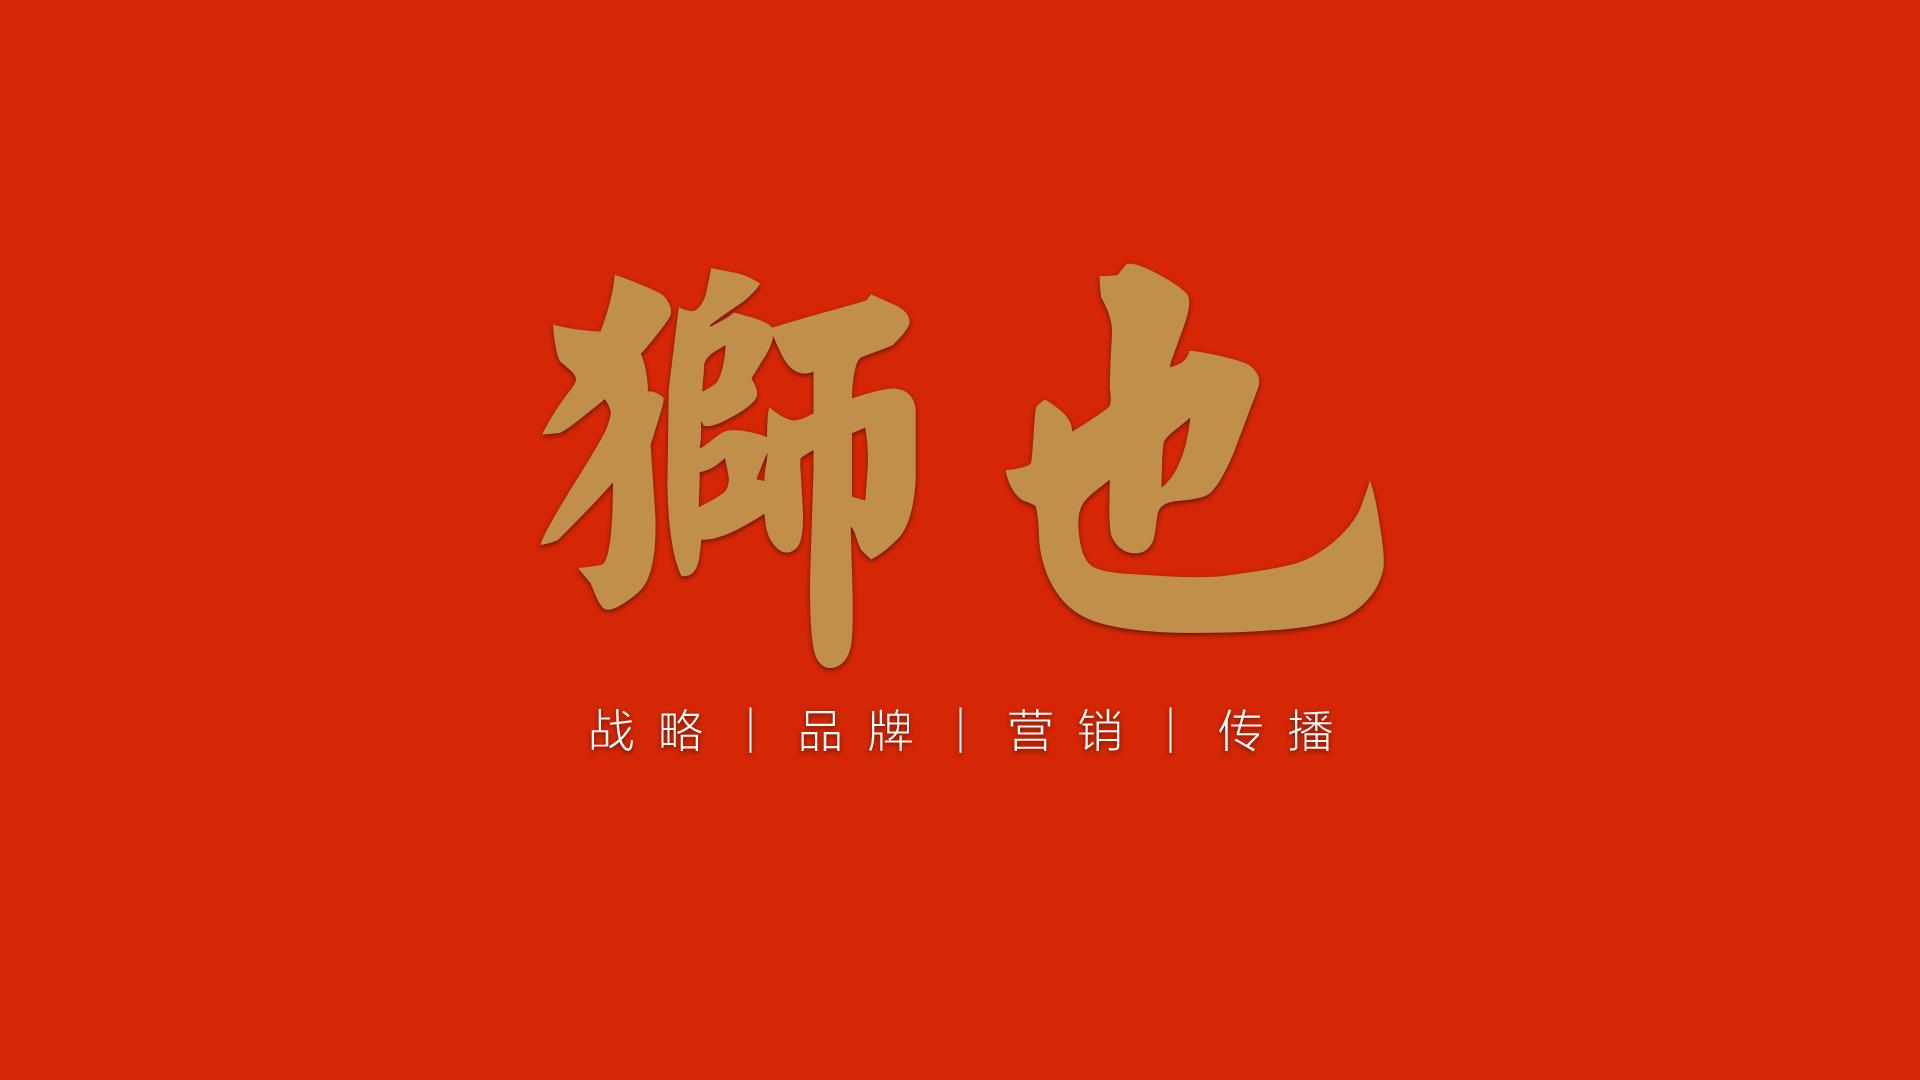 上海营销策划公司—六一儿童节 不作恶是营销人献给儿童最好的礼物